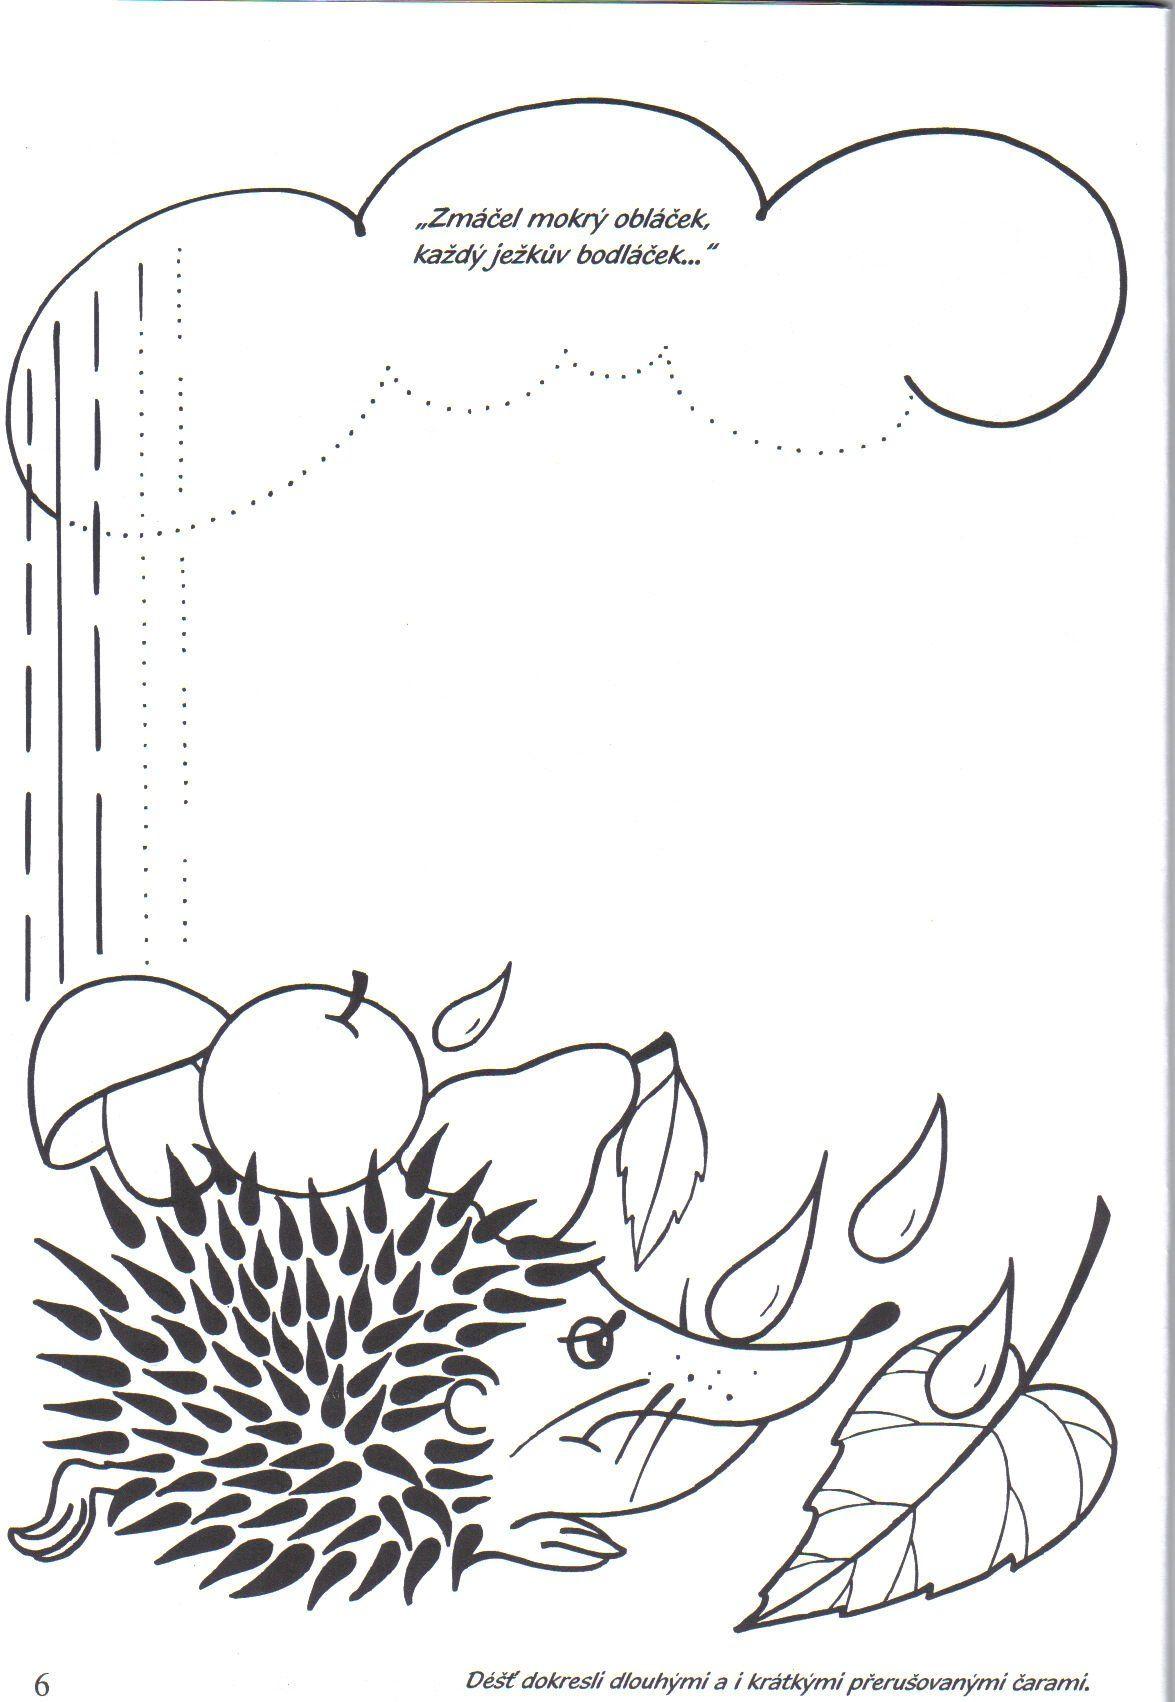 herbst   Ideen für den Kindergarten   Pinterest   Herbst, Igel und ...